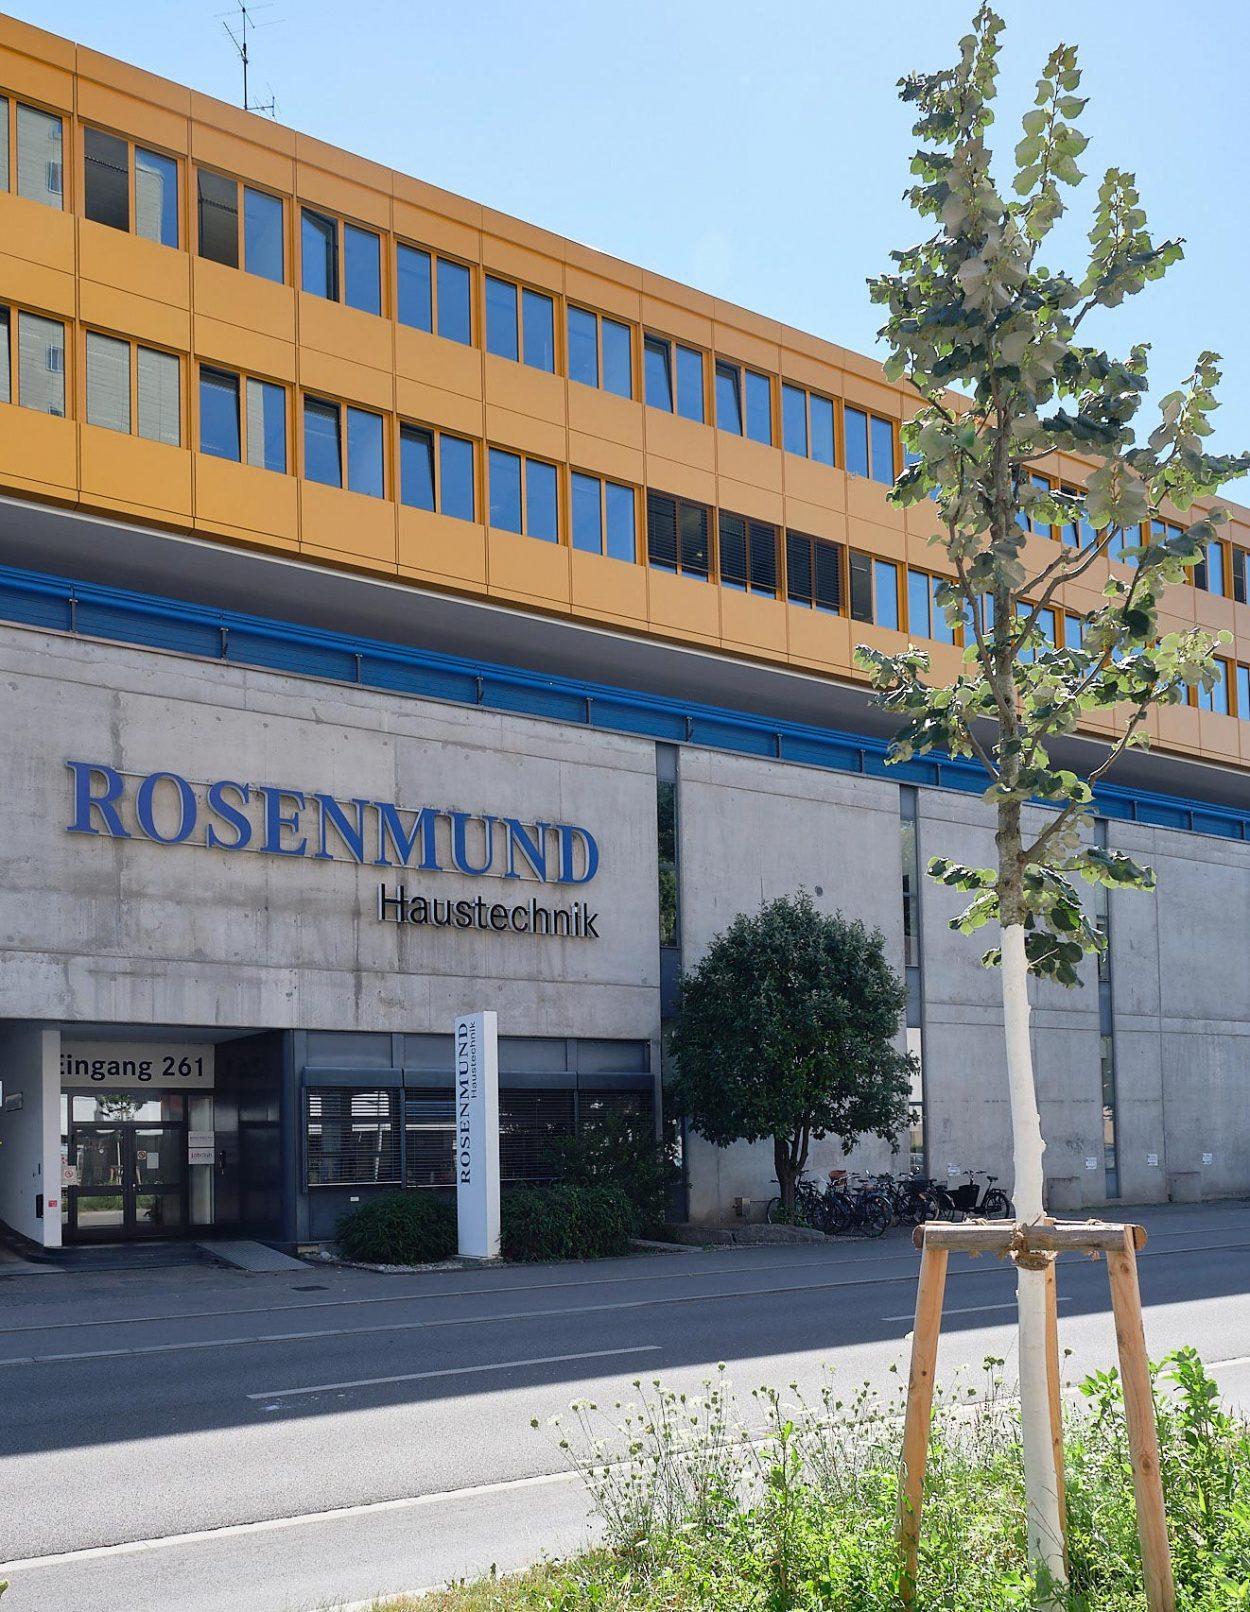 Rosenmund